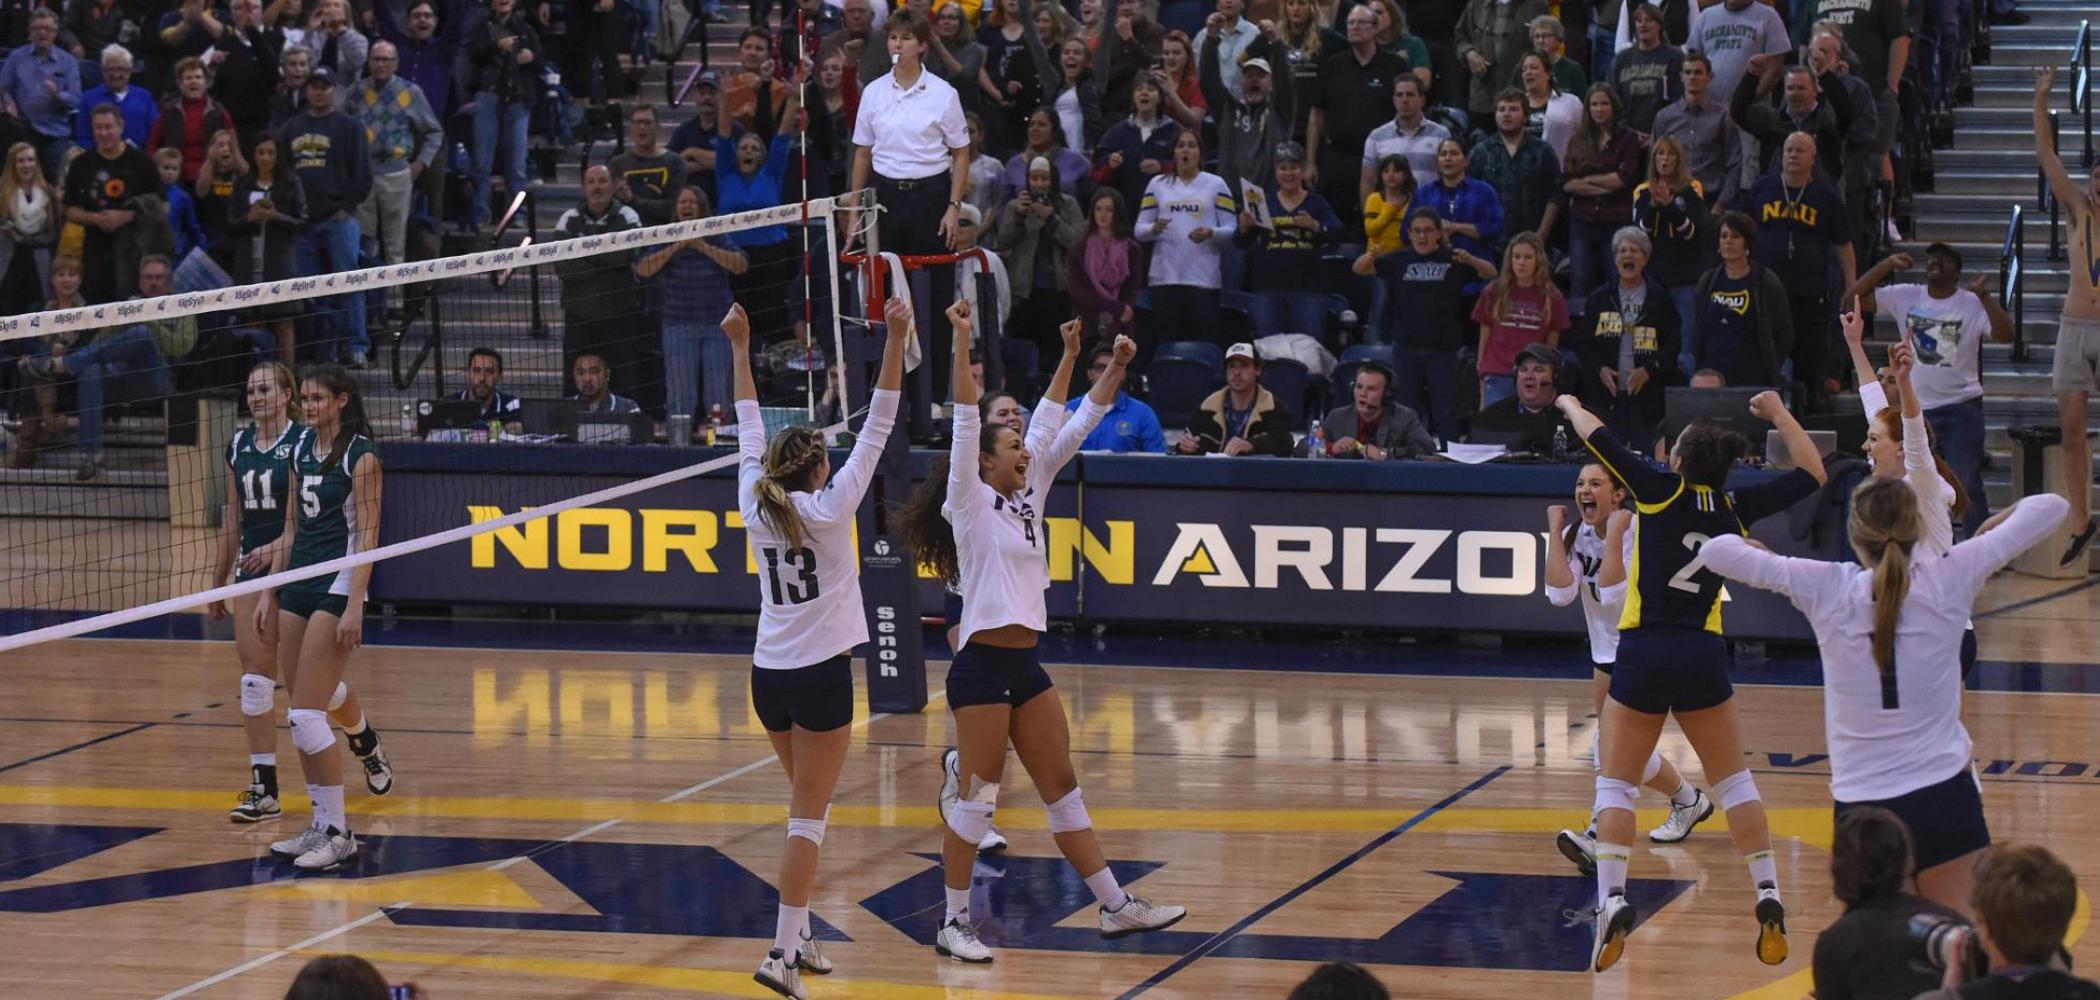 sportswomen cheering a win